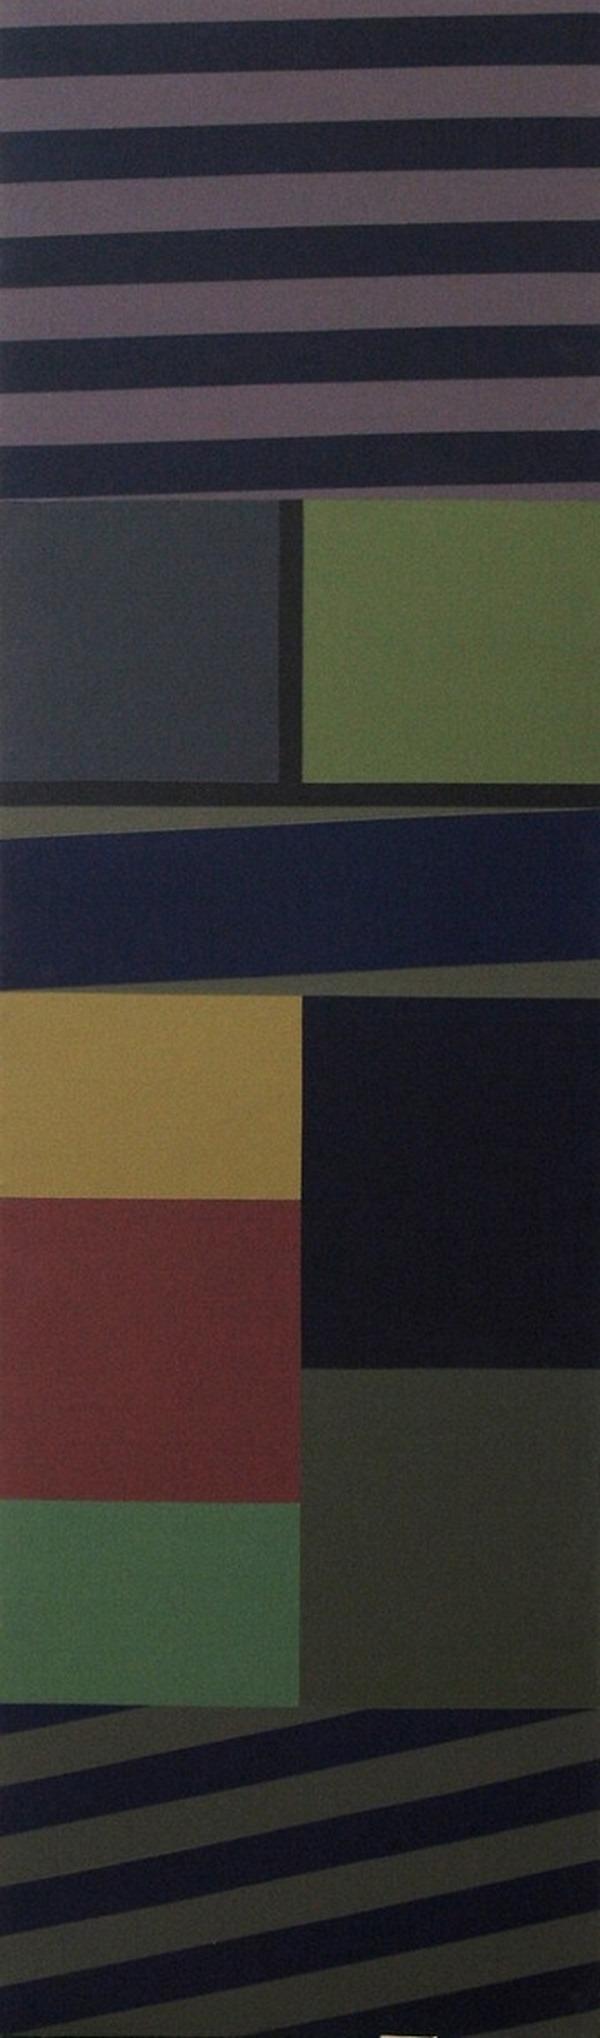 Sin título - acrílico sobre tela - 169cm x 50cm - 1995